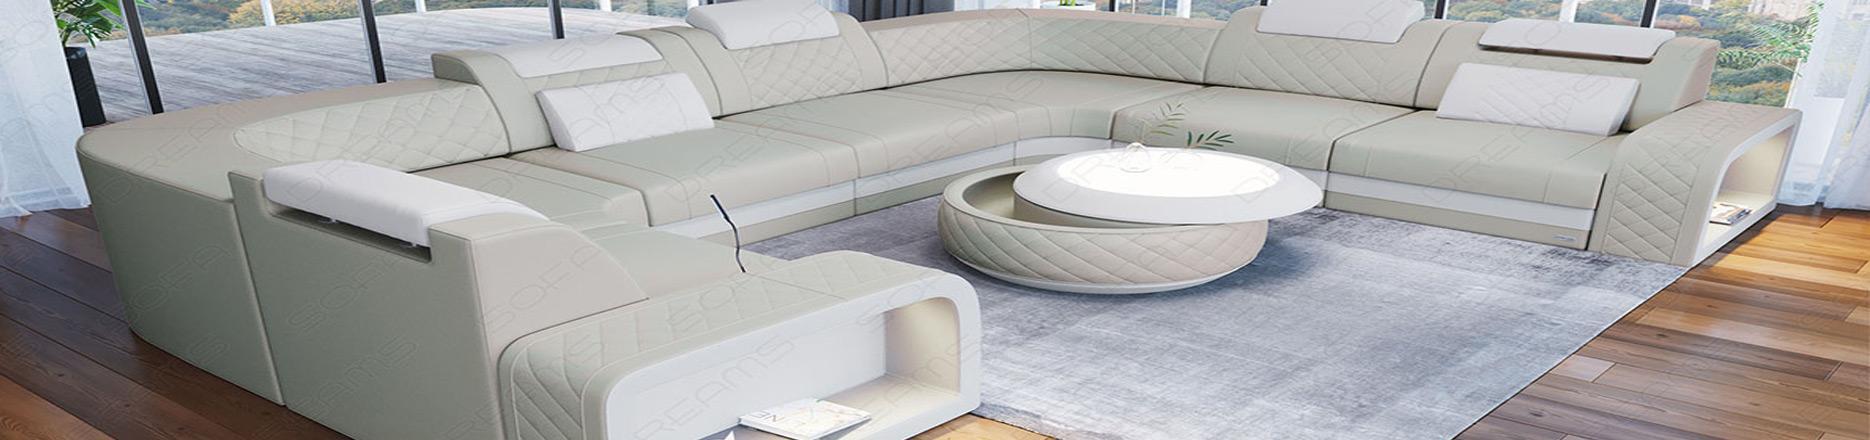 X-large sektions sofaer i læder